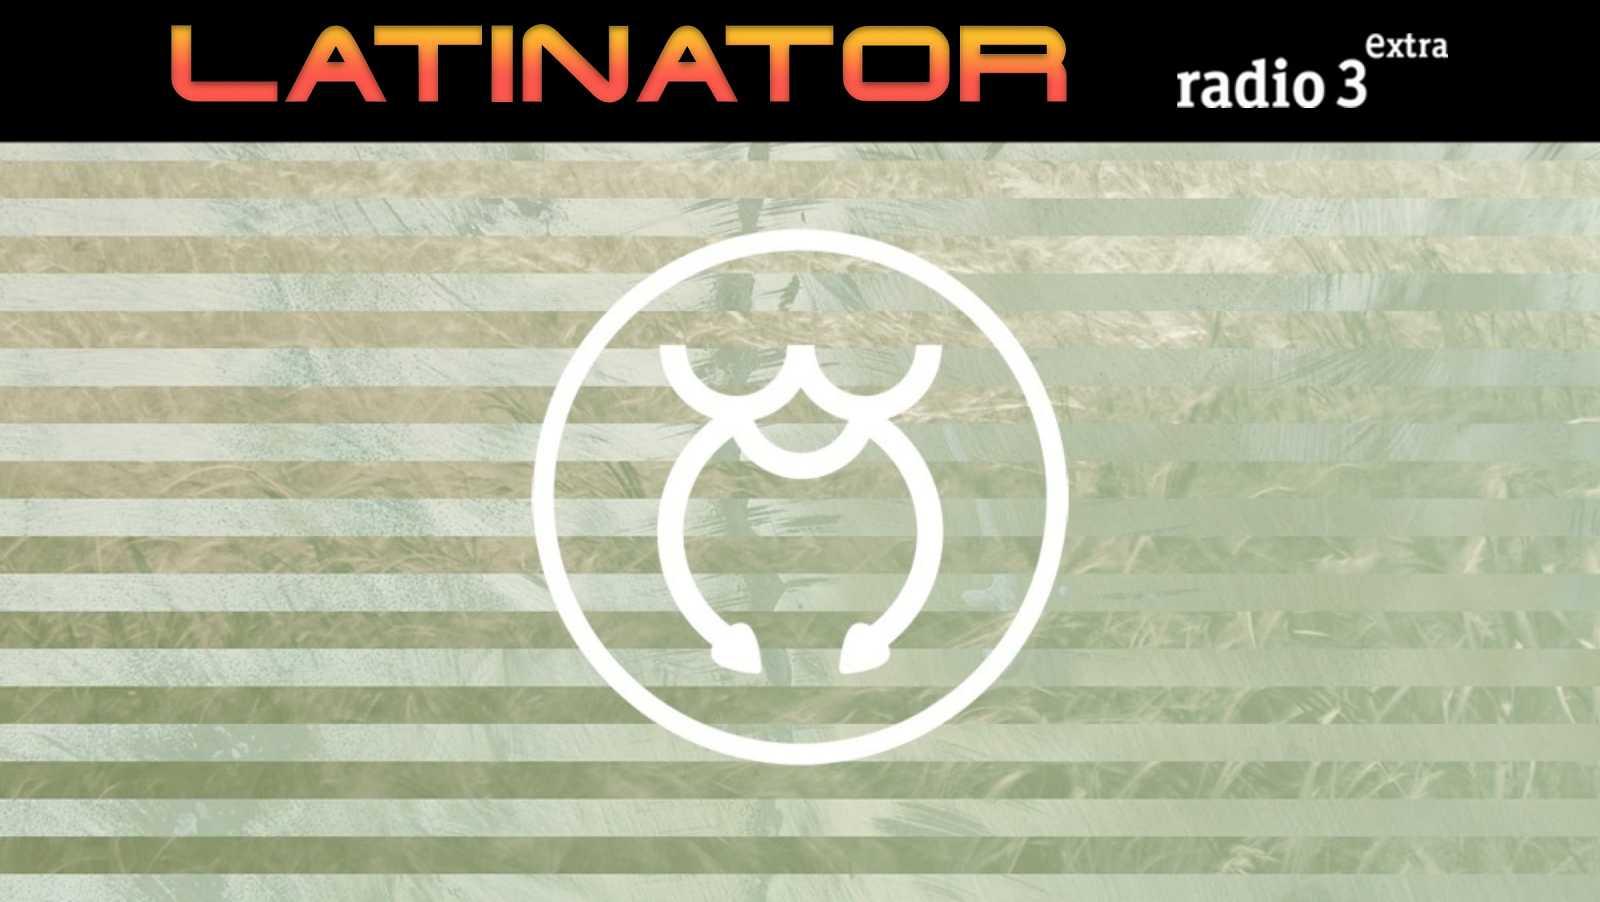 Latinator - DISCREPANT - 07/05/20 - escuchar ahora